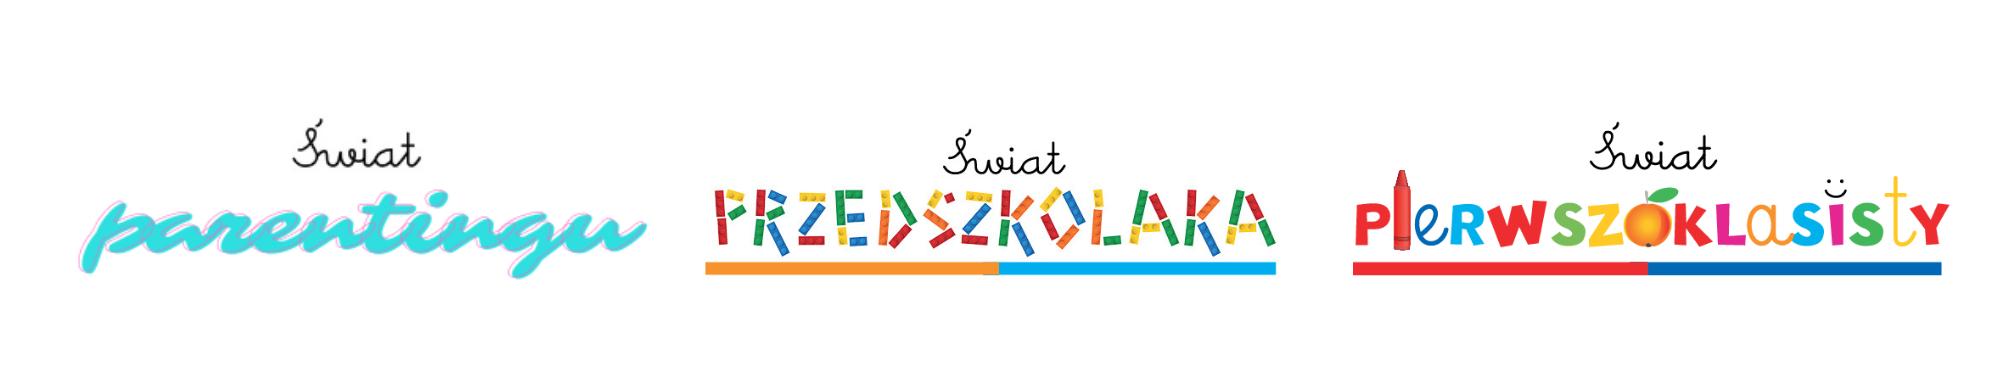 Świat Parentingu | Świat Przedszkolaka | Świat Pierwszoklasisty – swiatp.pl